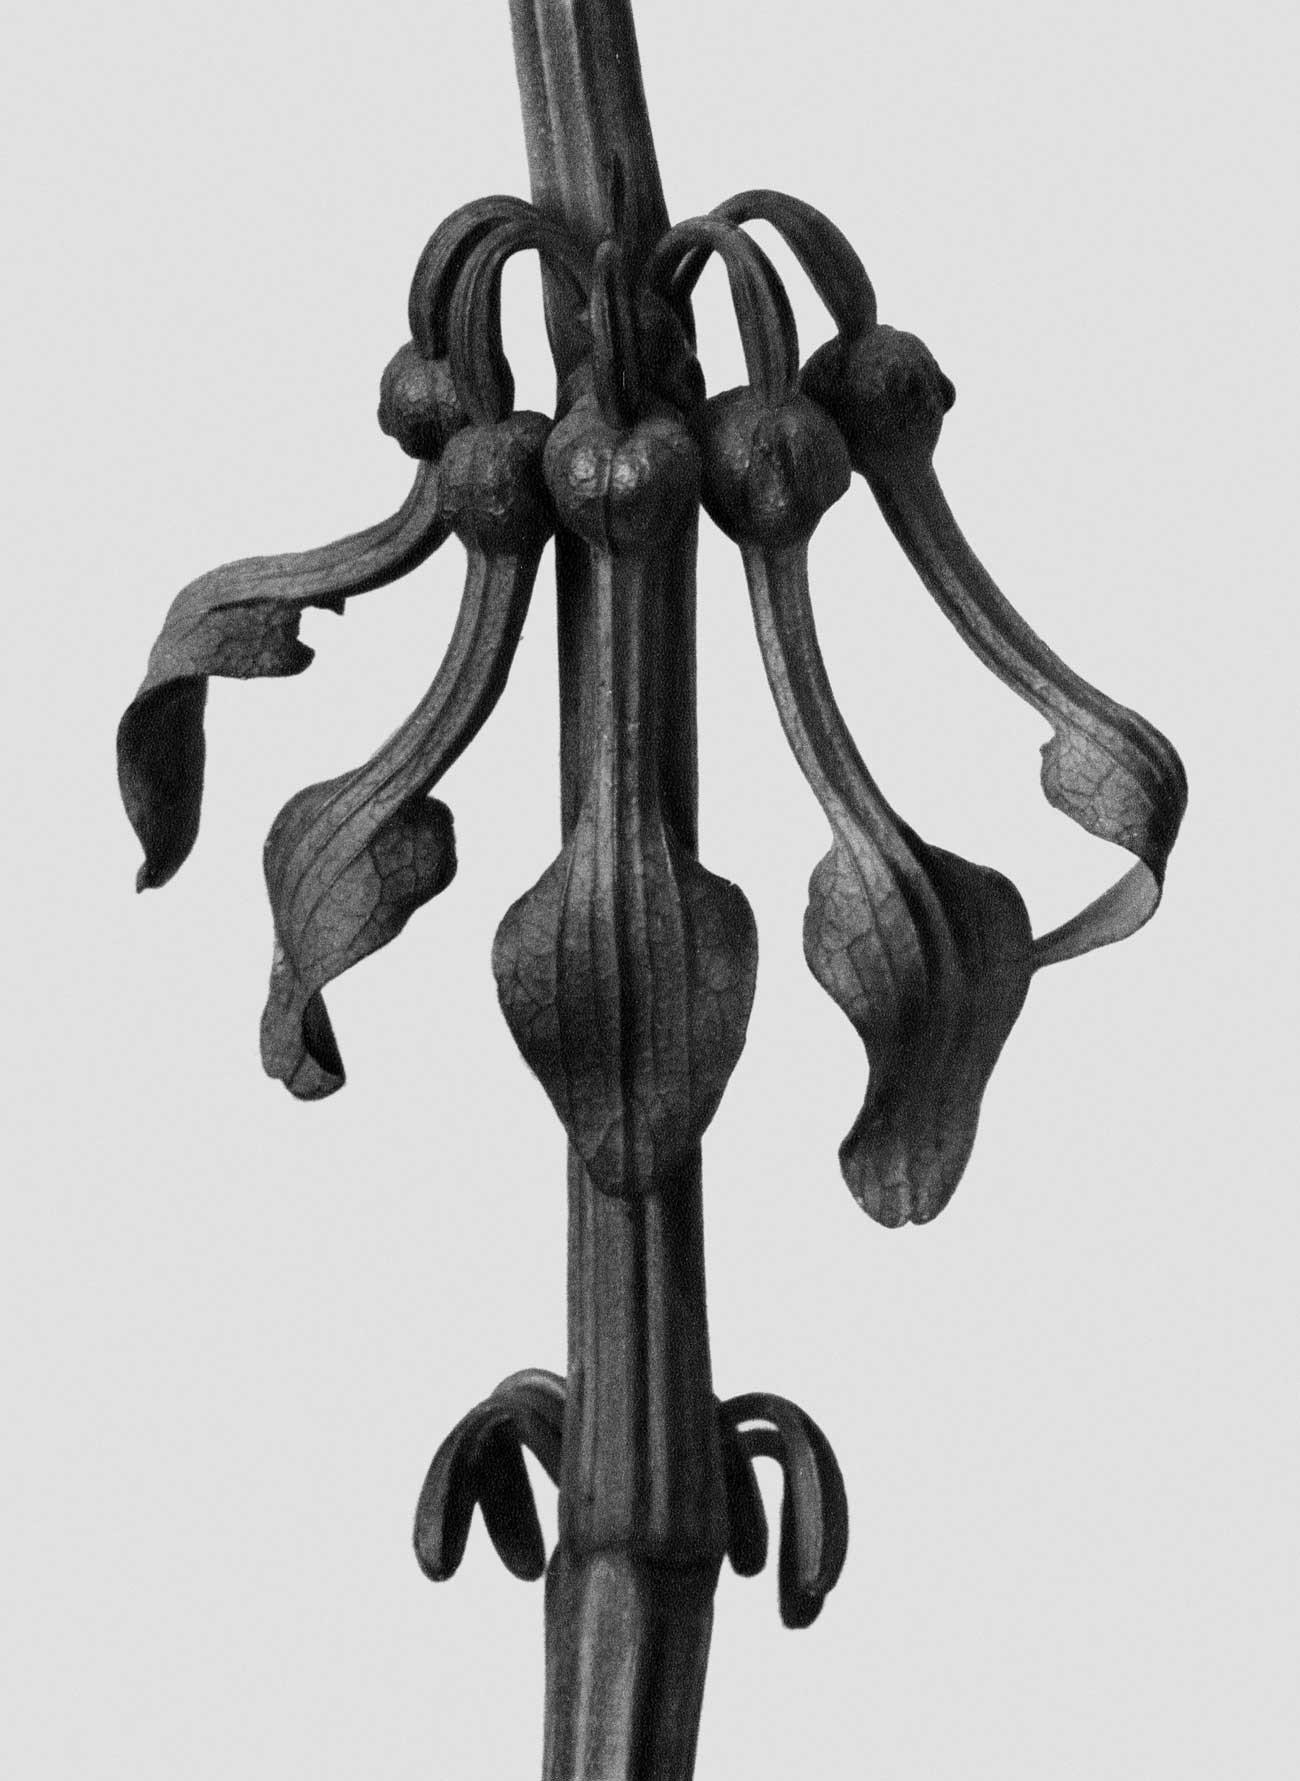 + ↓ᅠユ→ᄃミ↓ンᄡ↓ᄃタ, ↓゙ミ↓ᄃタ→゚ᆲ↓ᄃタ→マト→ᄀン ↓ユト→ᆭト→ヒᄉ→ヒᄂ↑ᄈᅠ ↓ユト→ヒネ■ユᅠ↓ネリ↑ᄚタ ↓ラニ↑ᄉᆲ→ツリ...  Karl Blossfeldt 1865 - 1932 Aristolochia Clematitis, 1928 https://t.co/03ZedAC0cM